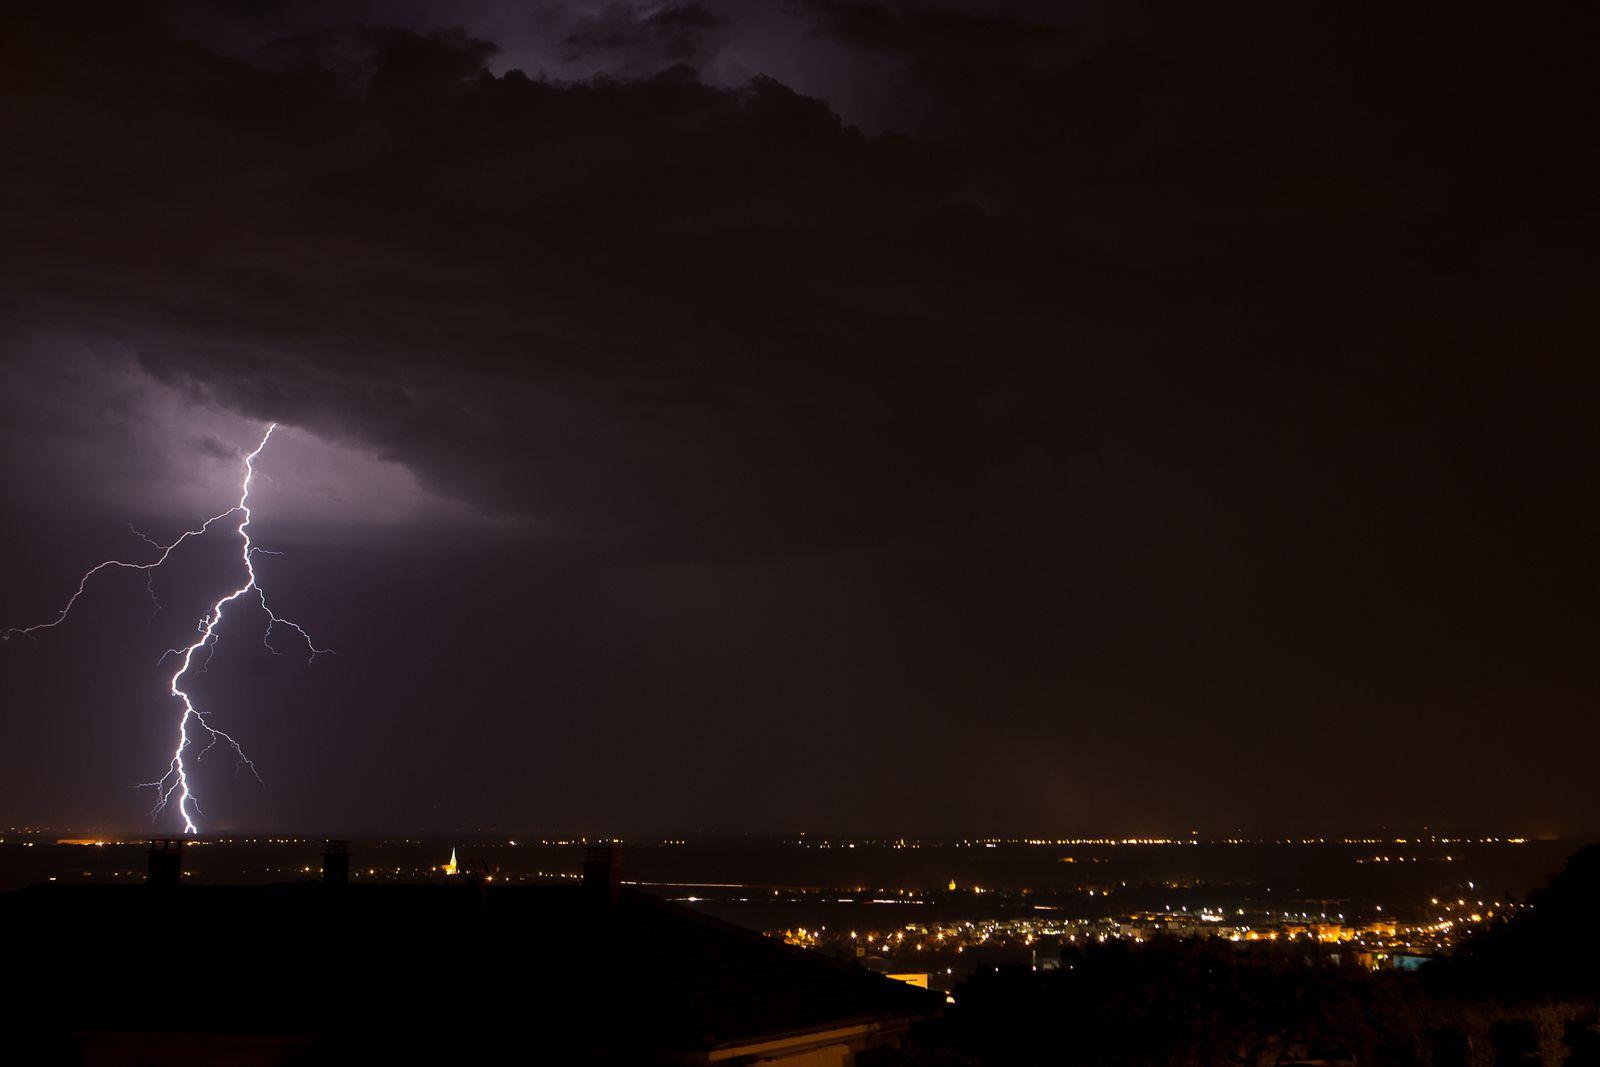 Un soir d'orage, de ma fenêtre